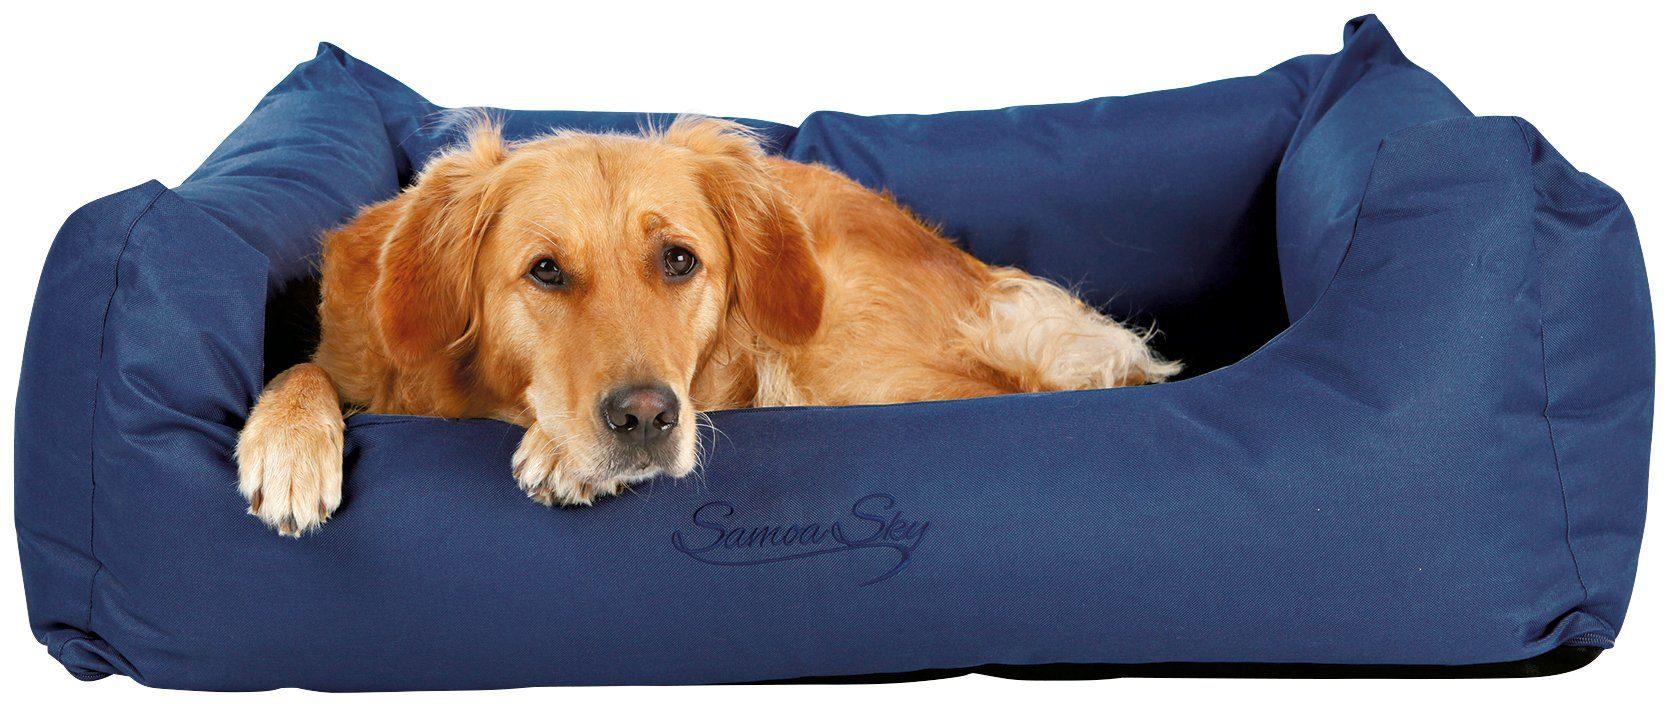 Hunde-Bett »Samoa Sky«, BxL: 65x50 cm, blau